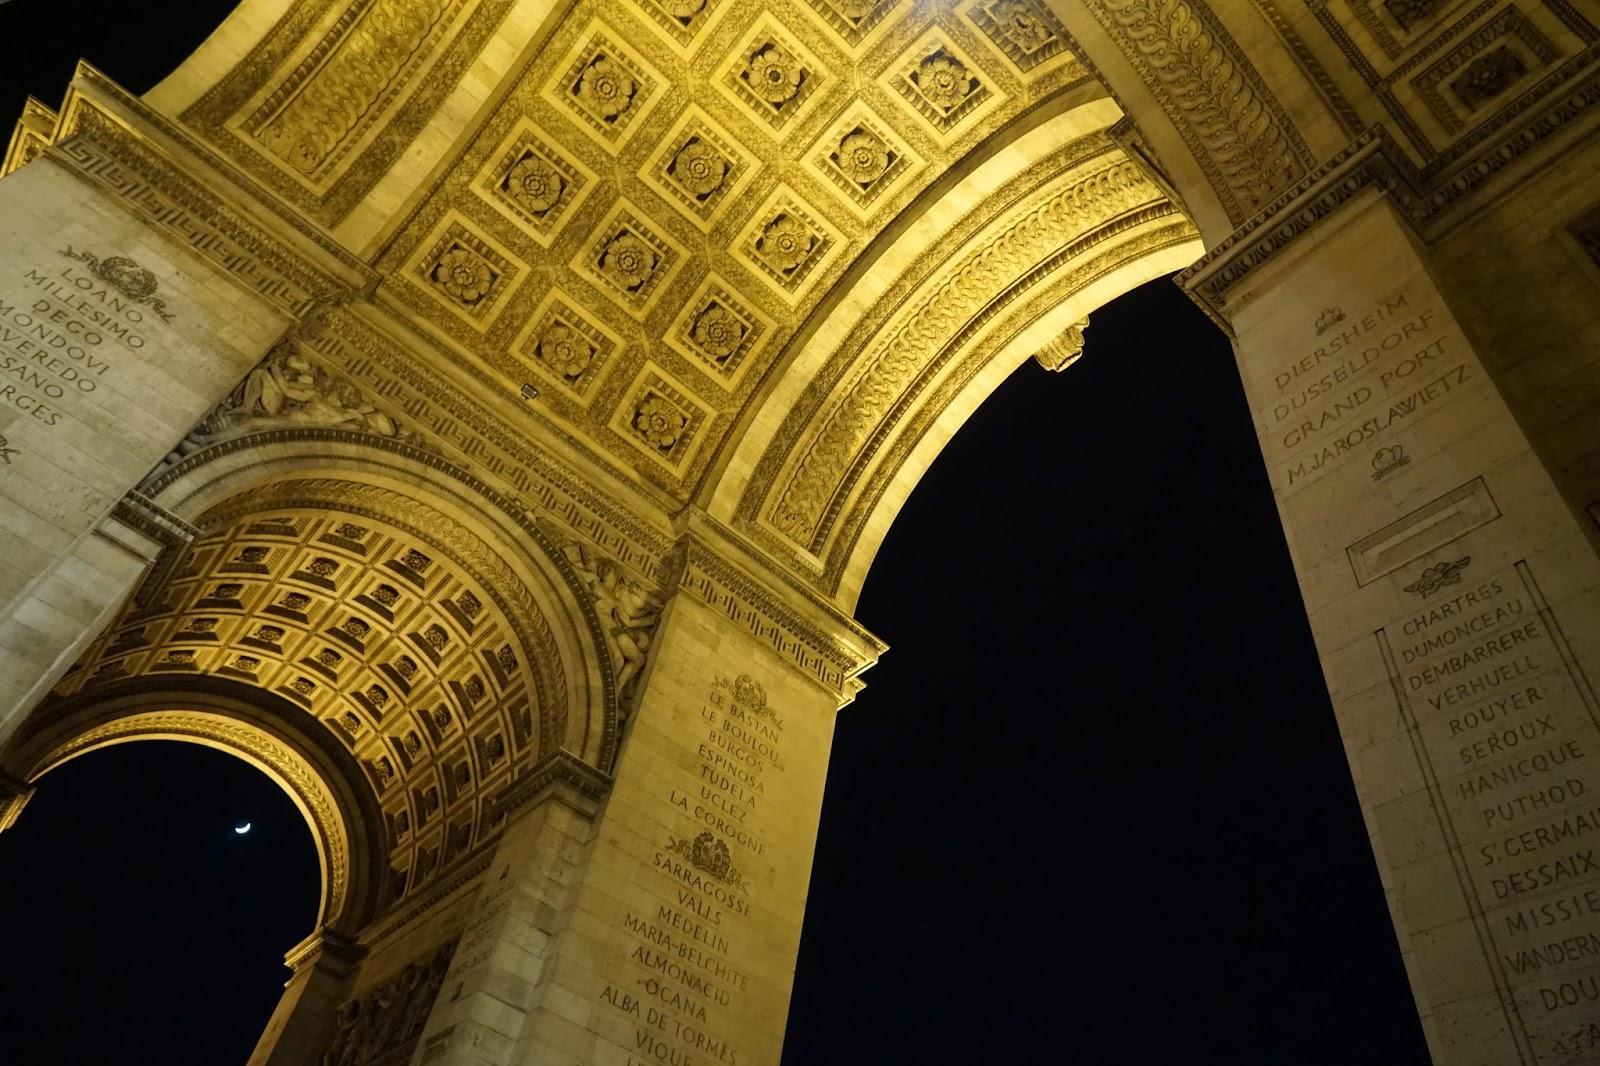 エトワールの凱旋門(Arc de triomphe de l'Étoile) 凱旋門のアーチ